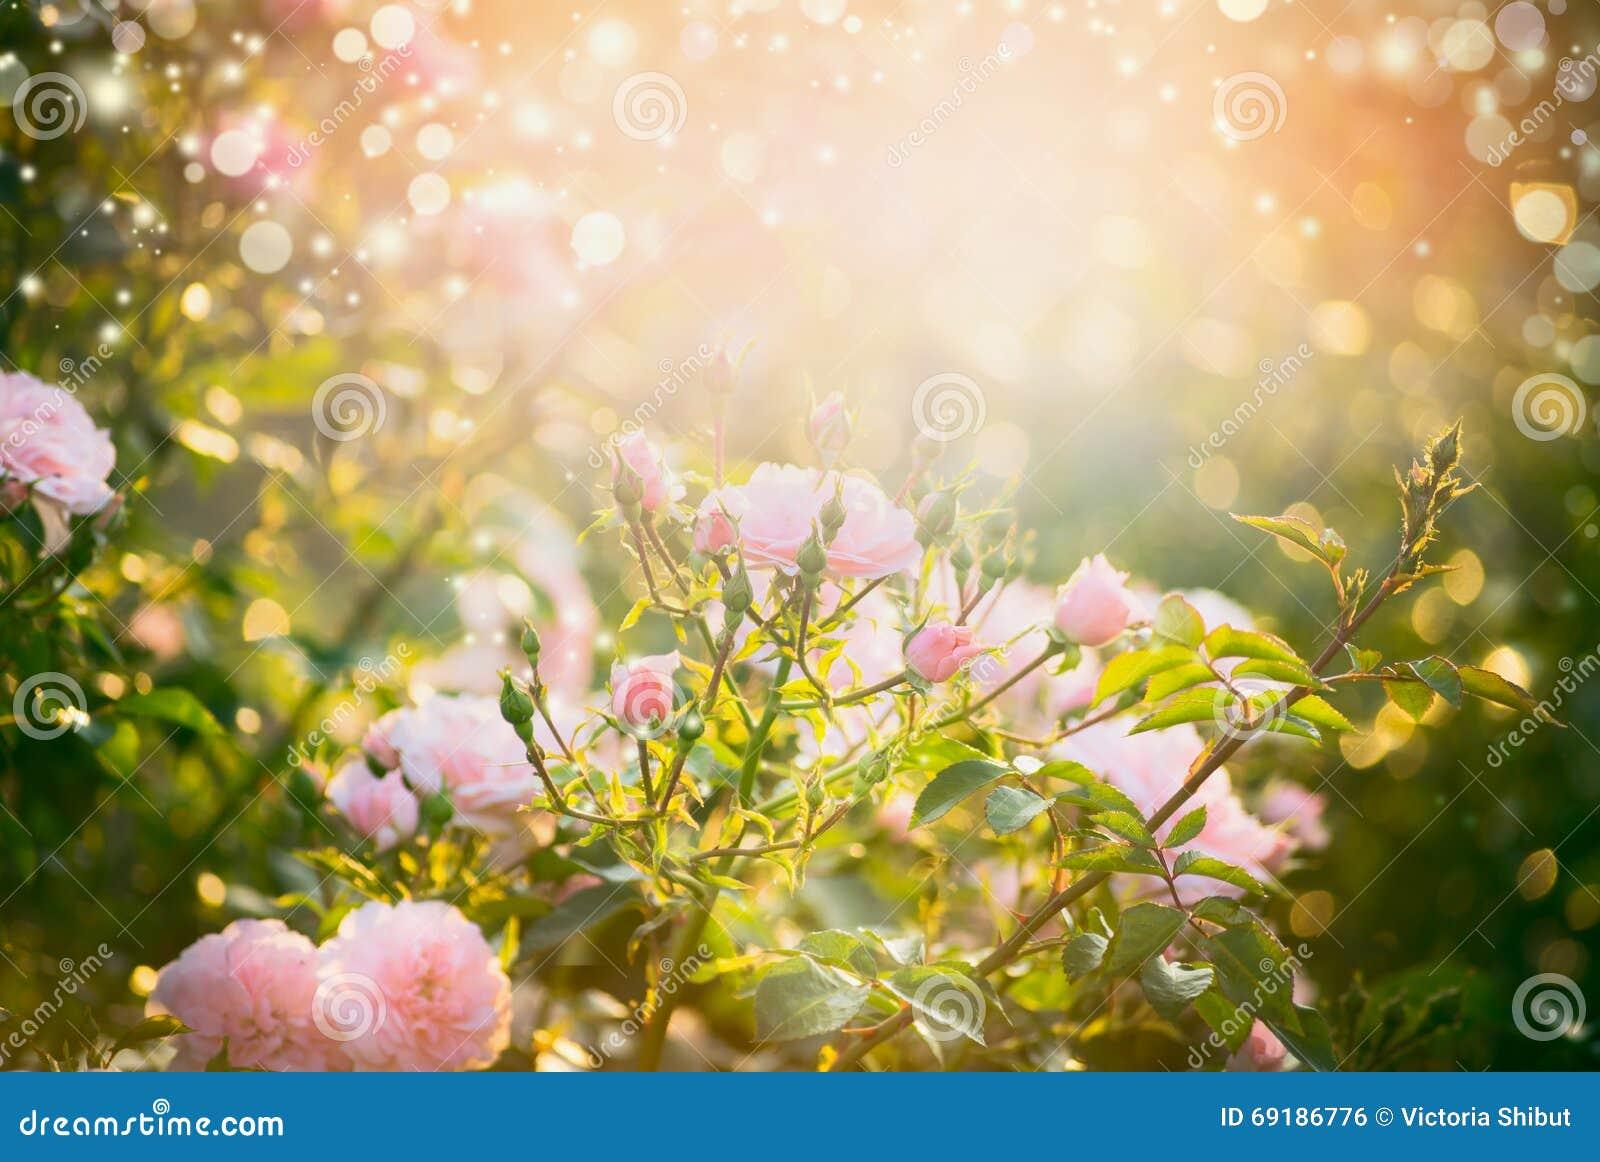 在夏天庭院或公园自然背景的桃红色苍白玫瑰丛